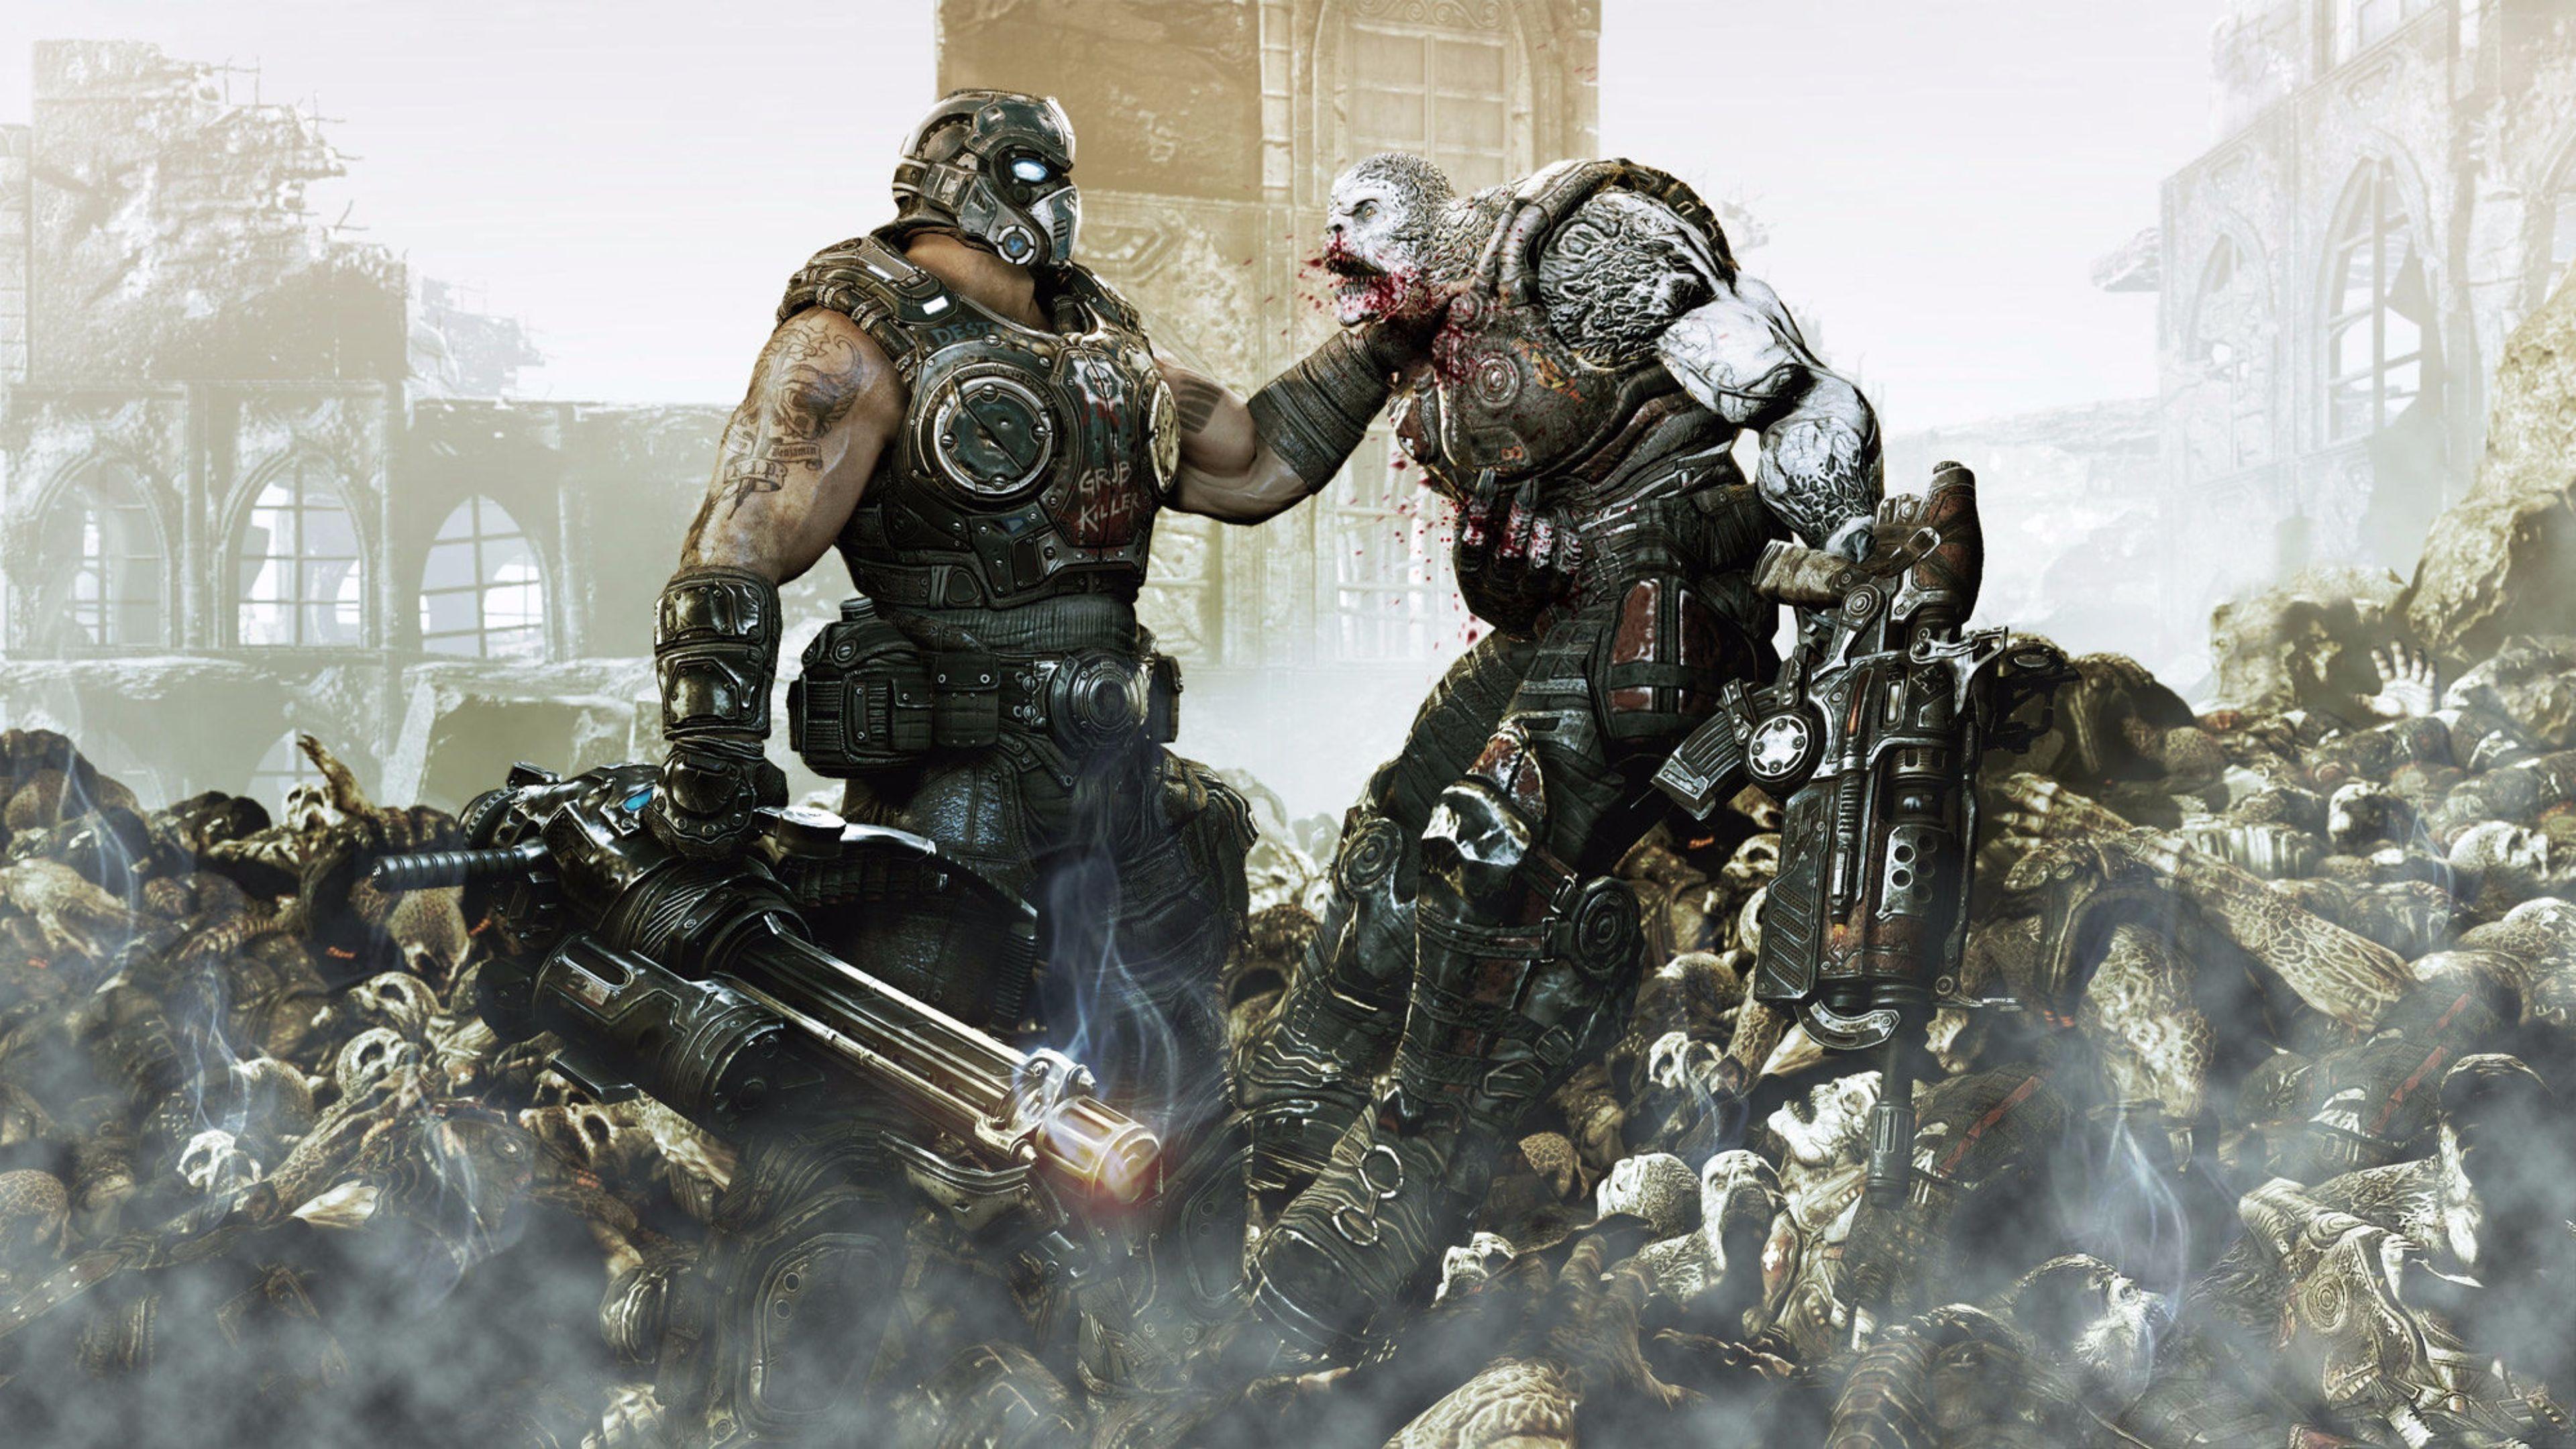 Gears Of War - HD Wallpaper